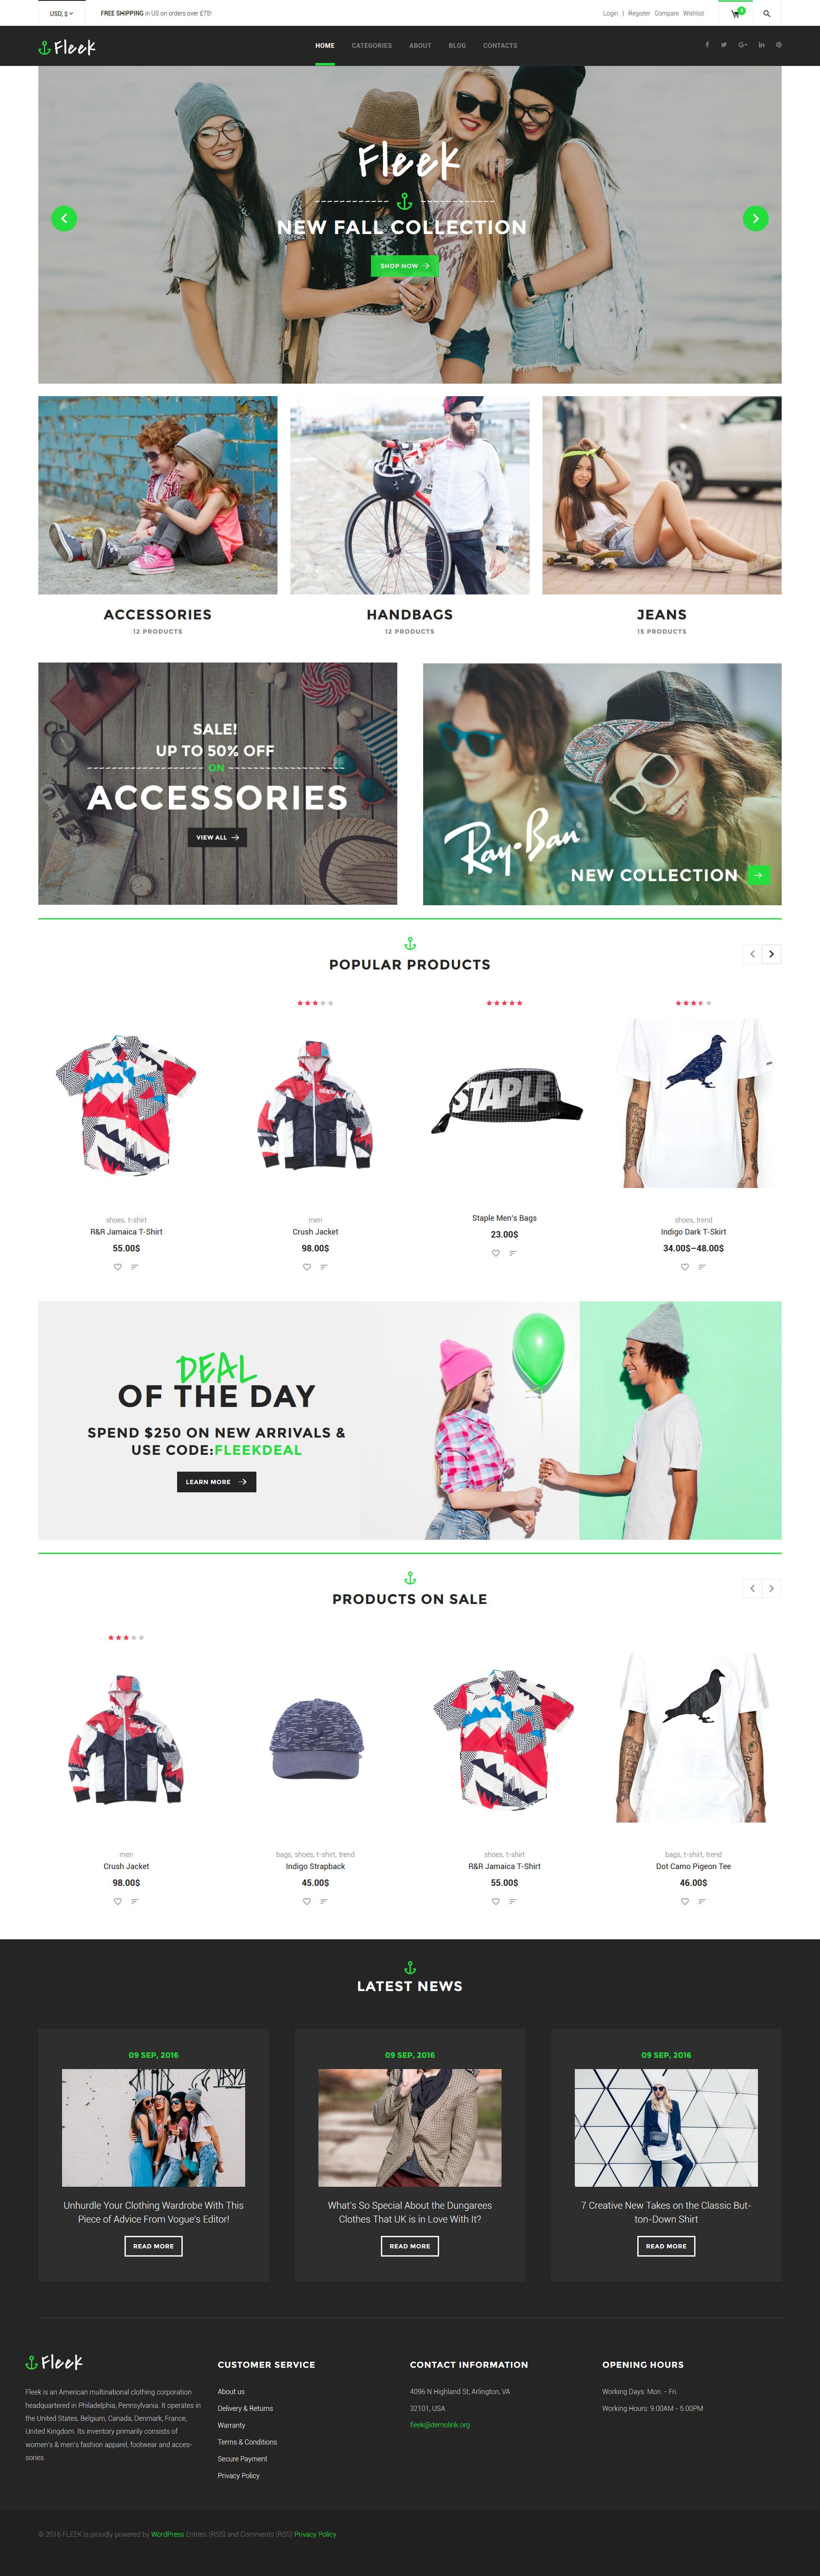 Fleek - Urban Fashion Store №60095 - скриншот